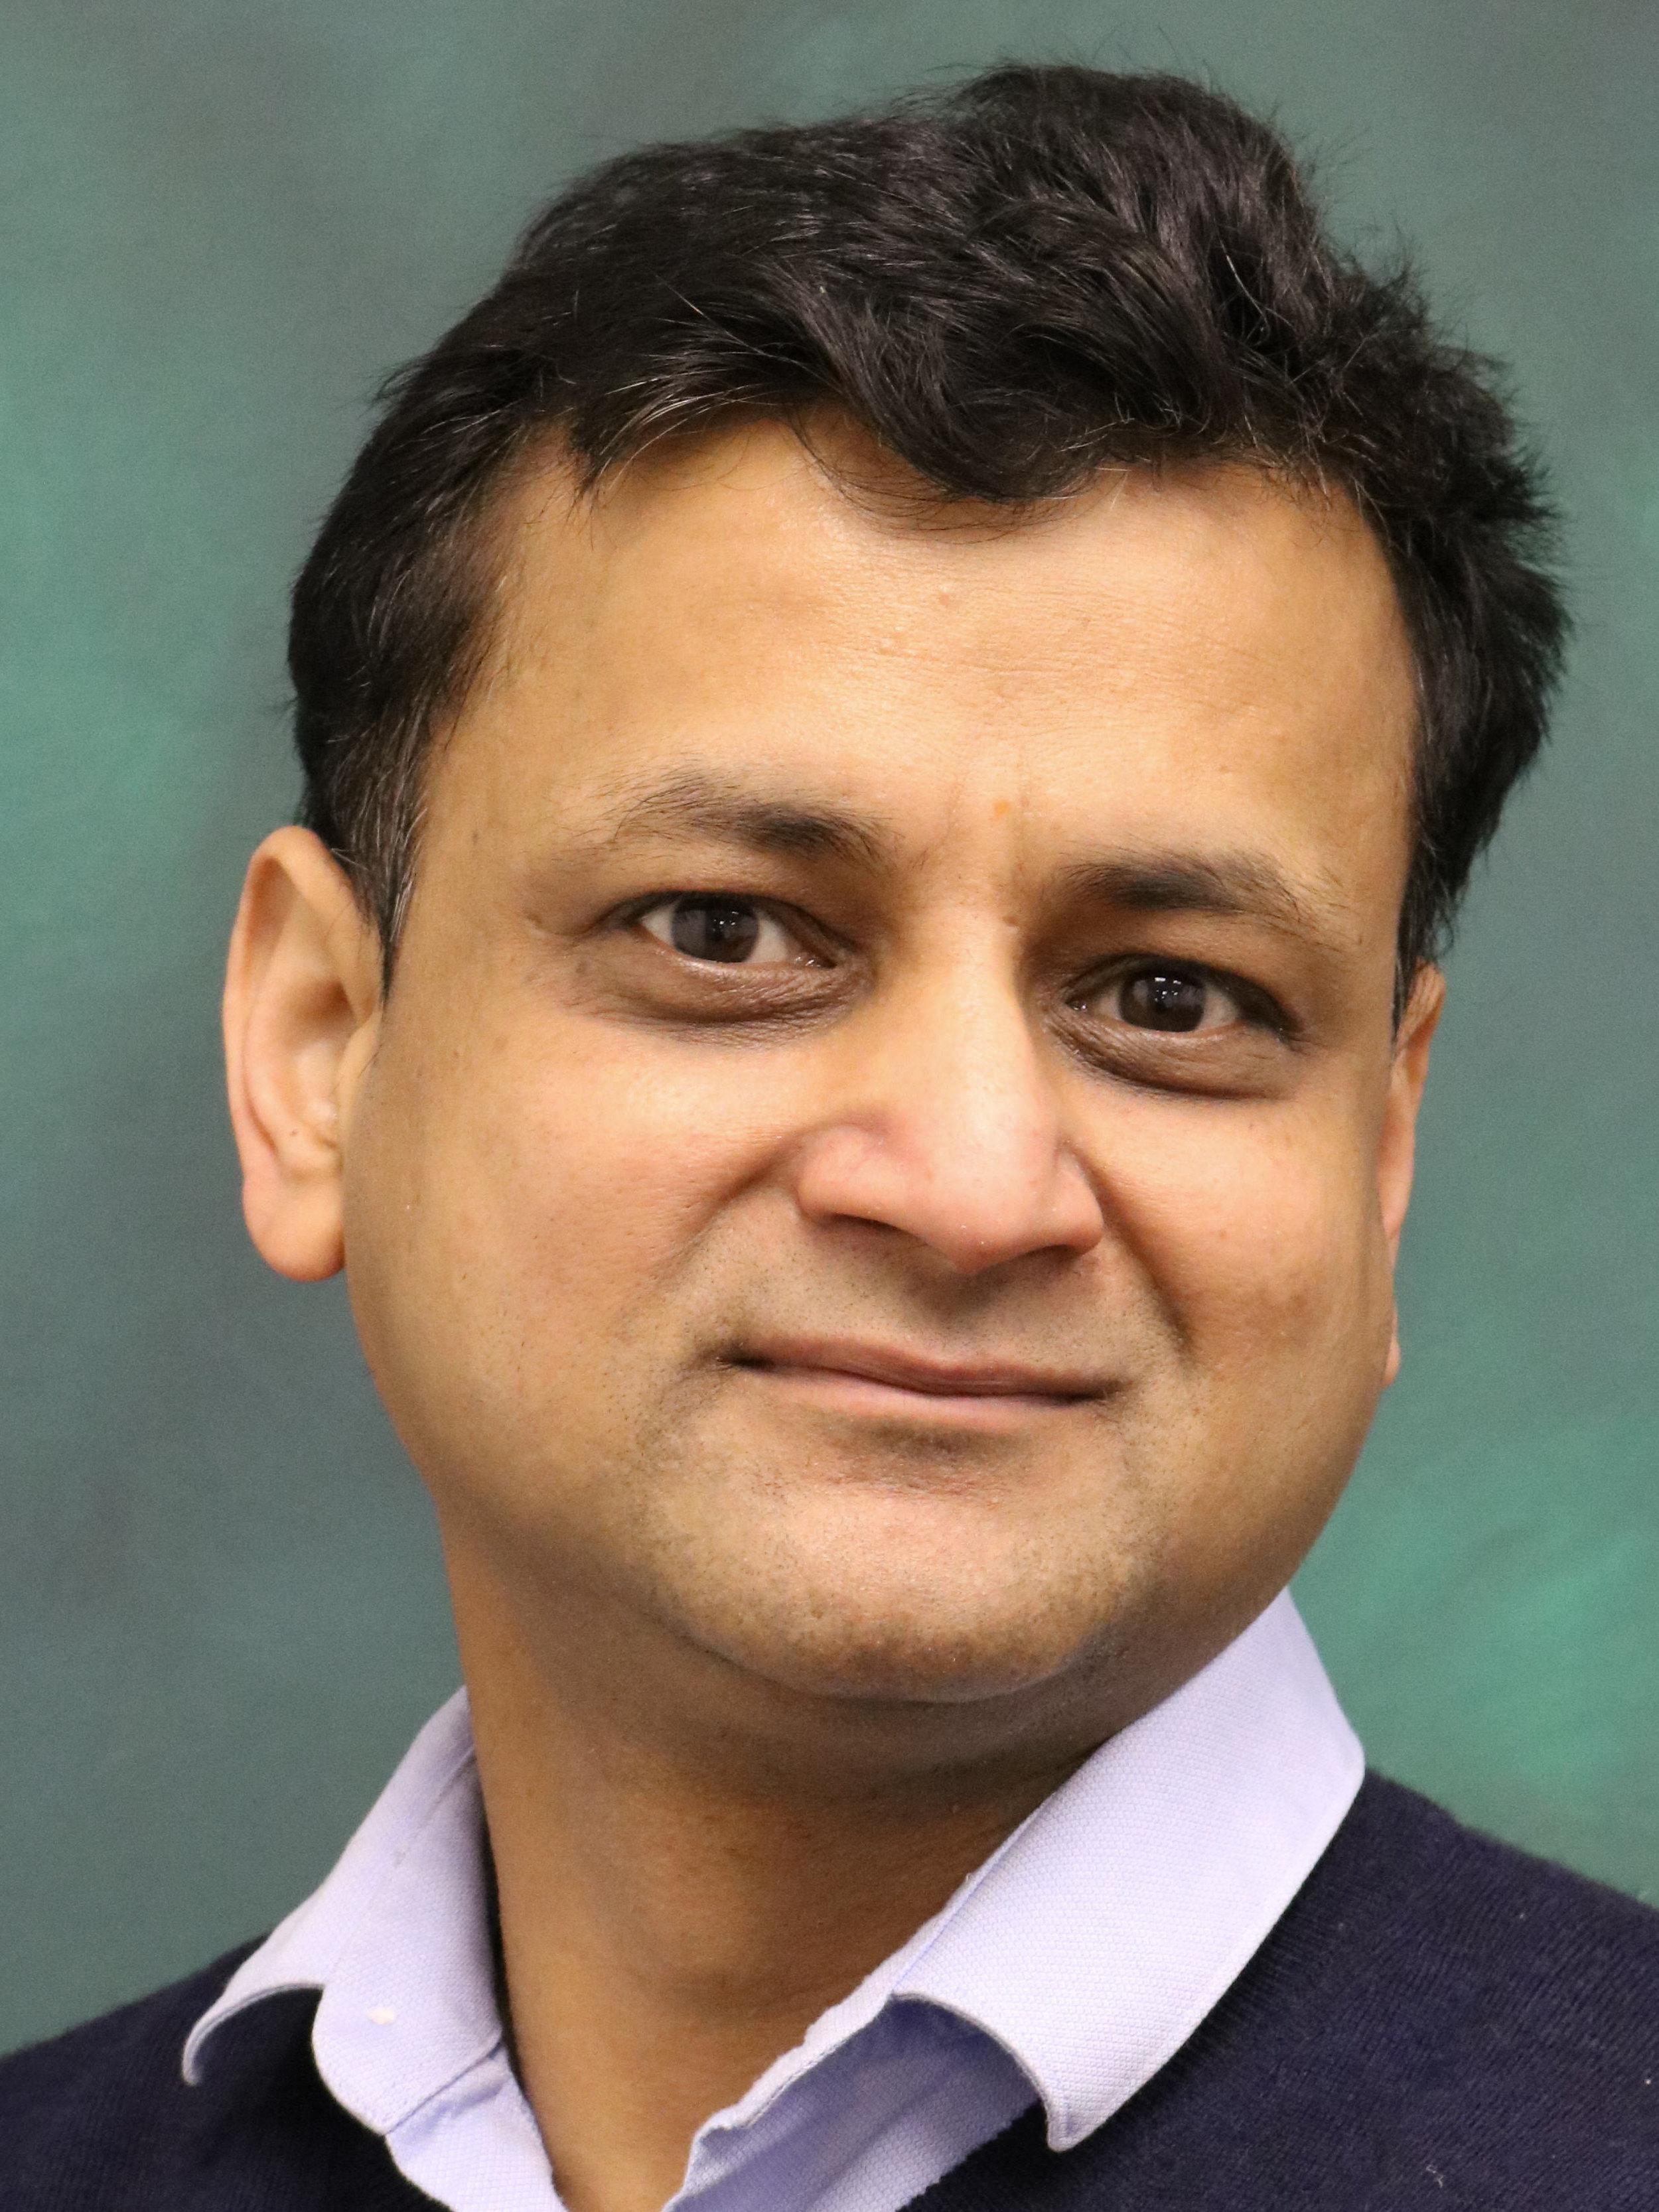 Nikhil Agarwal  - Profile Photo.jpg